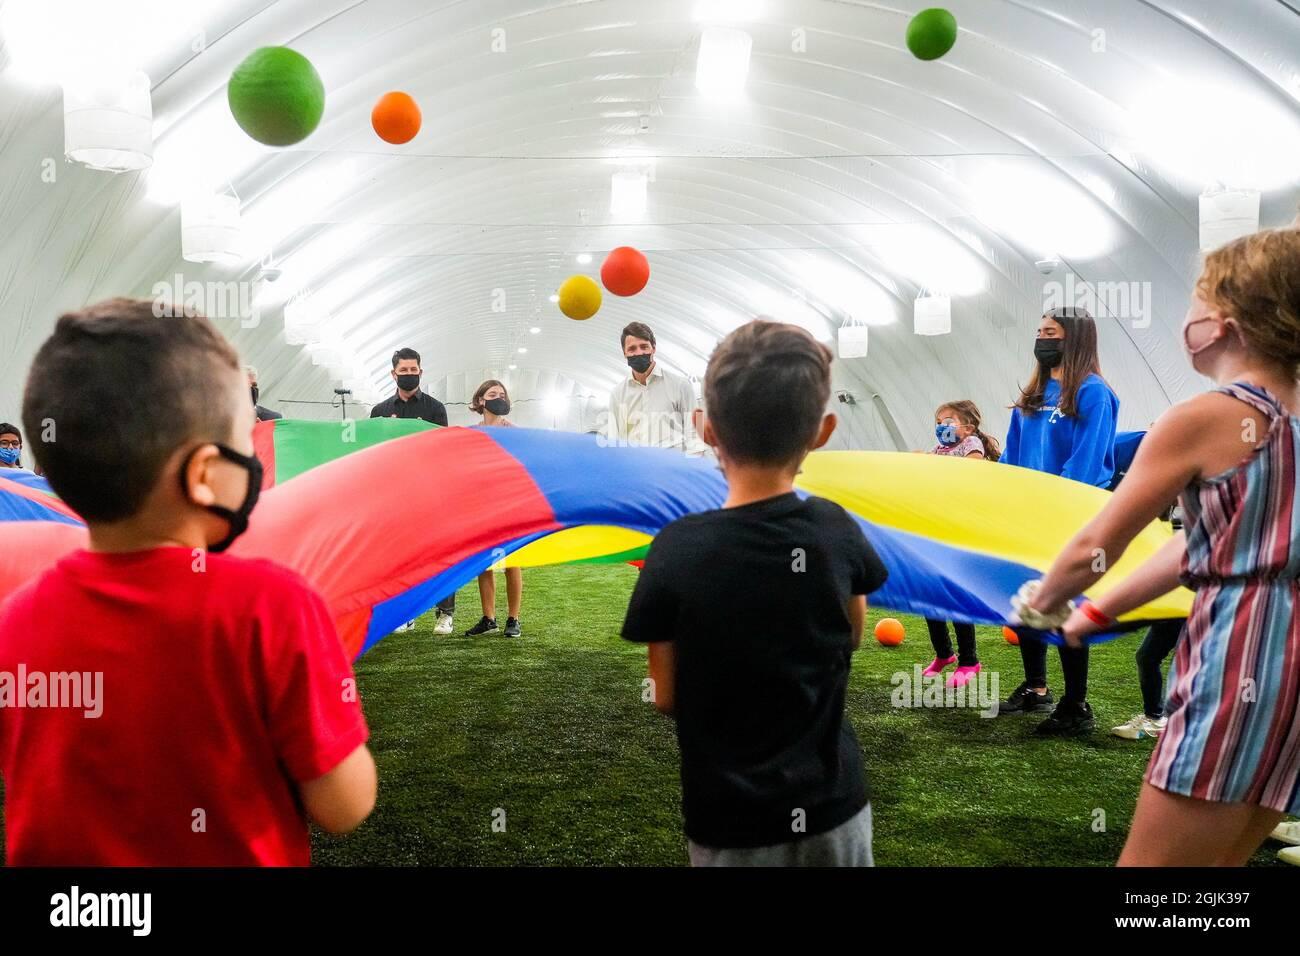 Le premier ministre canadien Justin Trudeau joue un jeu avec des enfants lors de sa visite à Soccer World, lors de sa tournée électorale à Hamilton, Ontario, Canada, le 10 septembre 2021. REUTERS/Carlos Osorio Banque D'Images